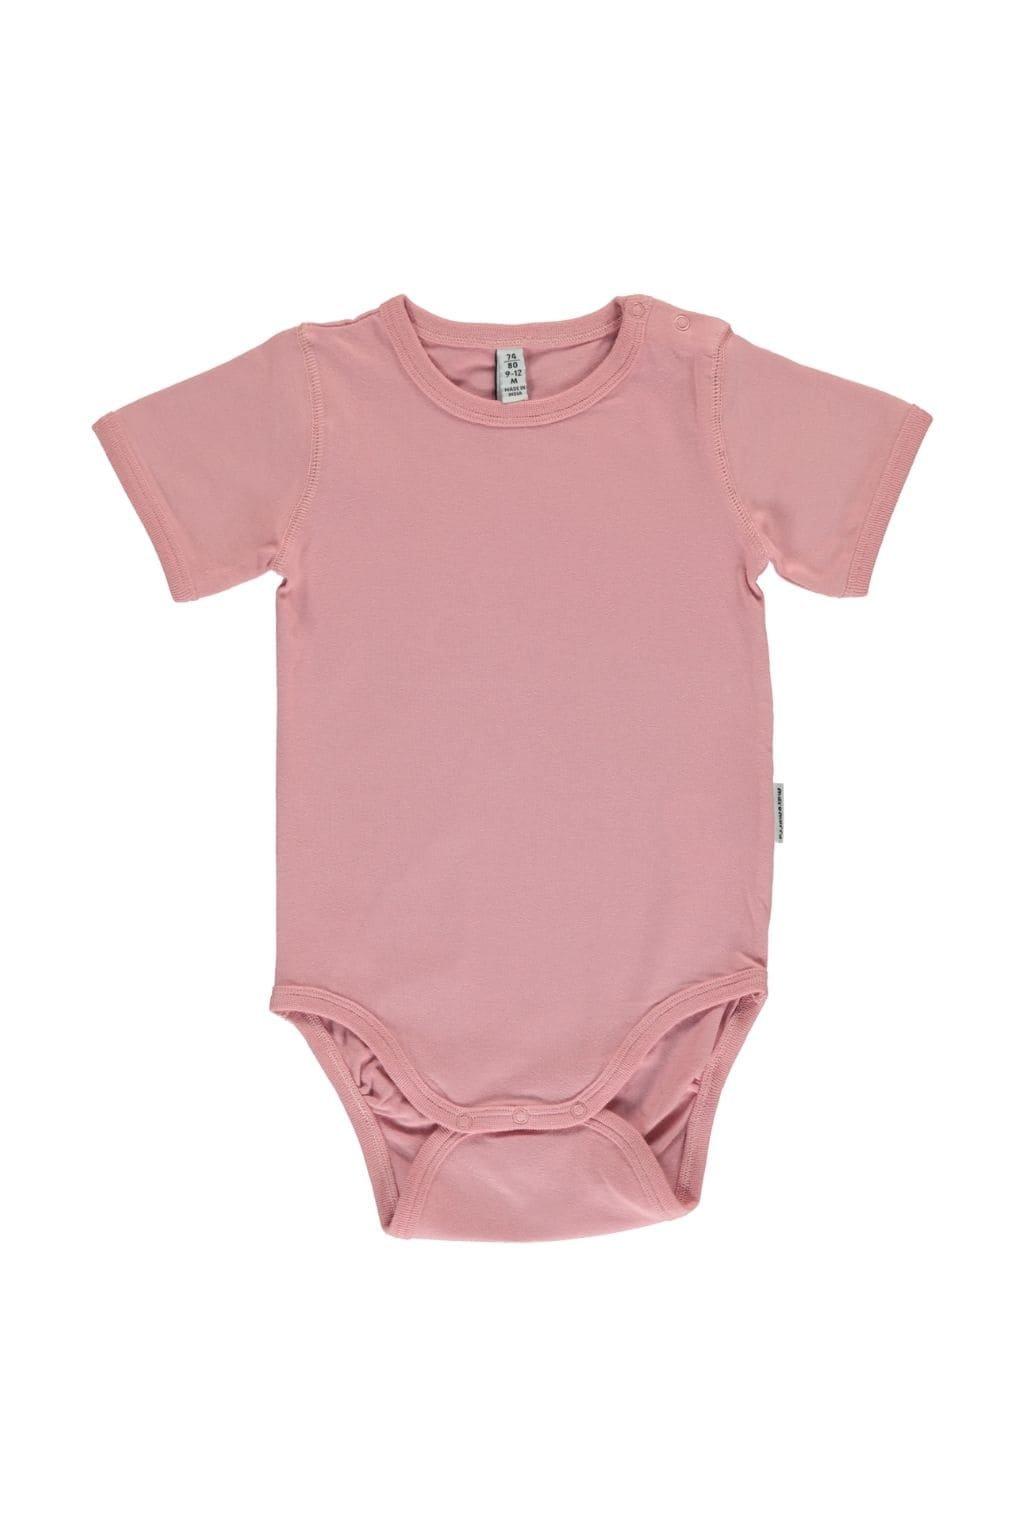 body ss dusty pink (1)